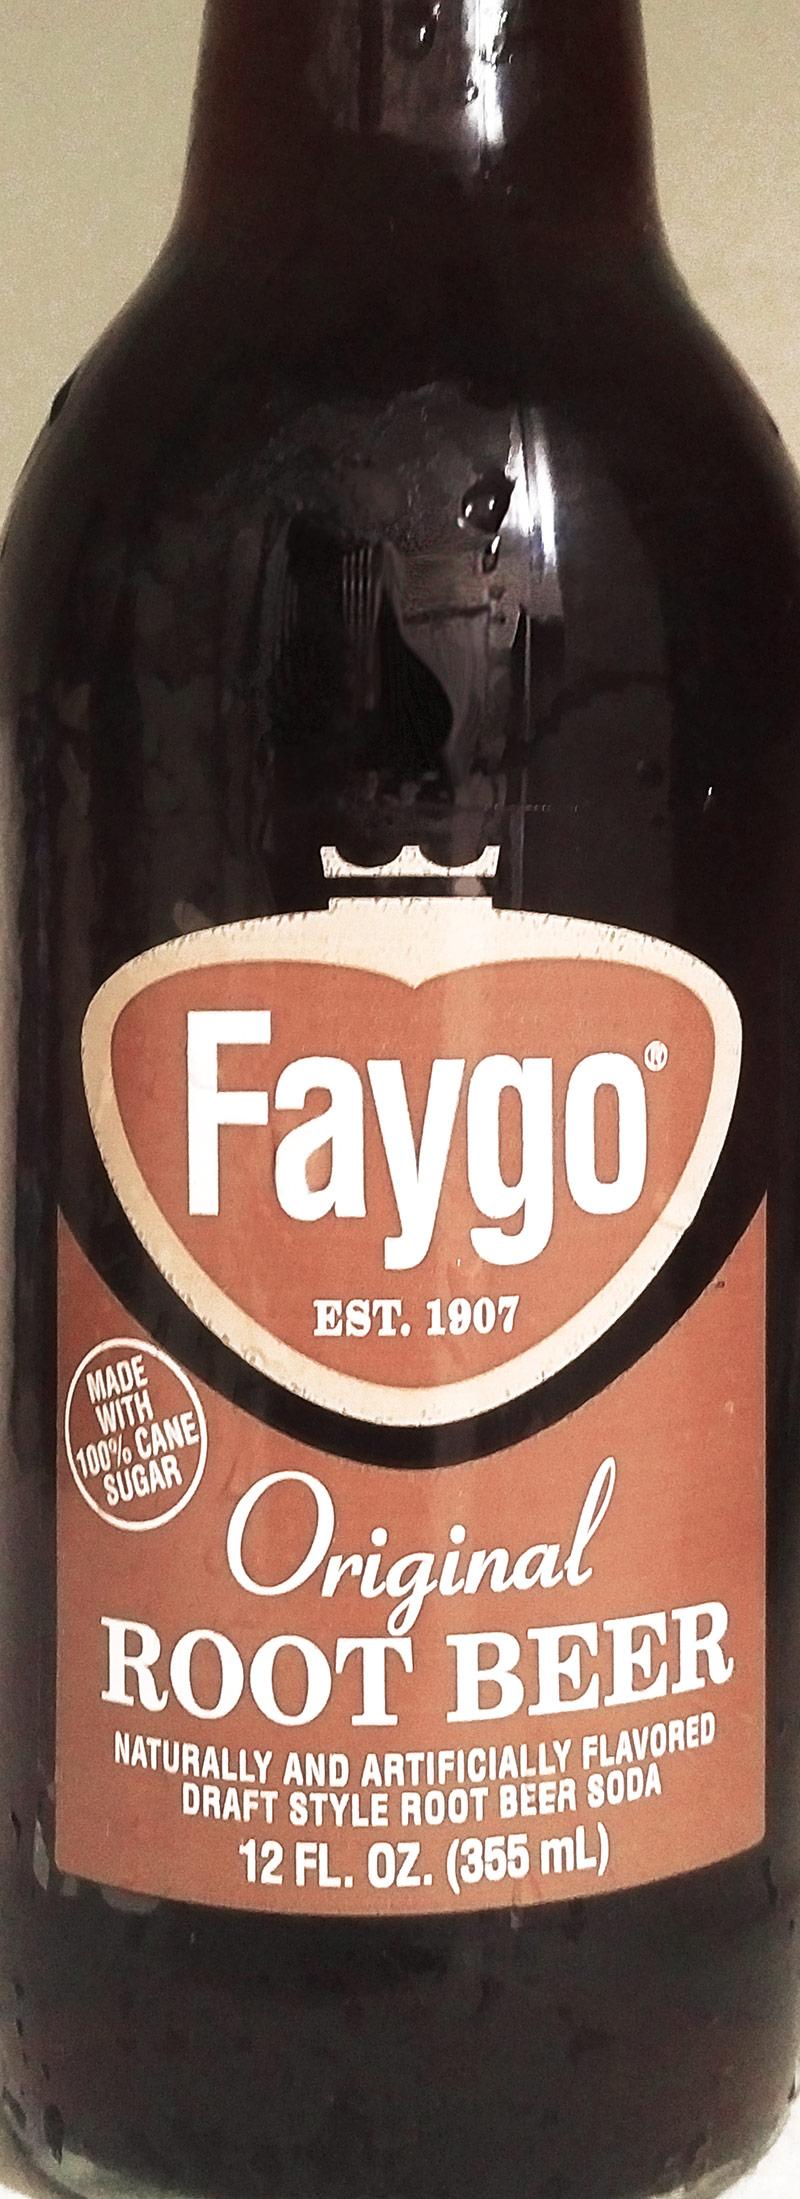 Faygo Original Root Beer